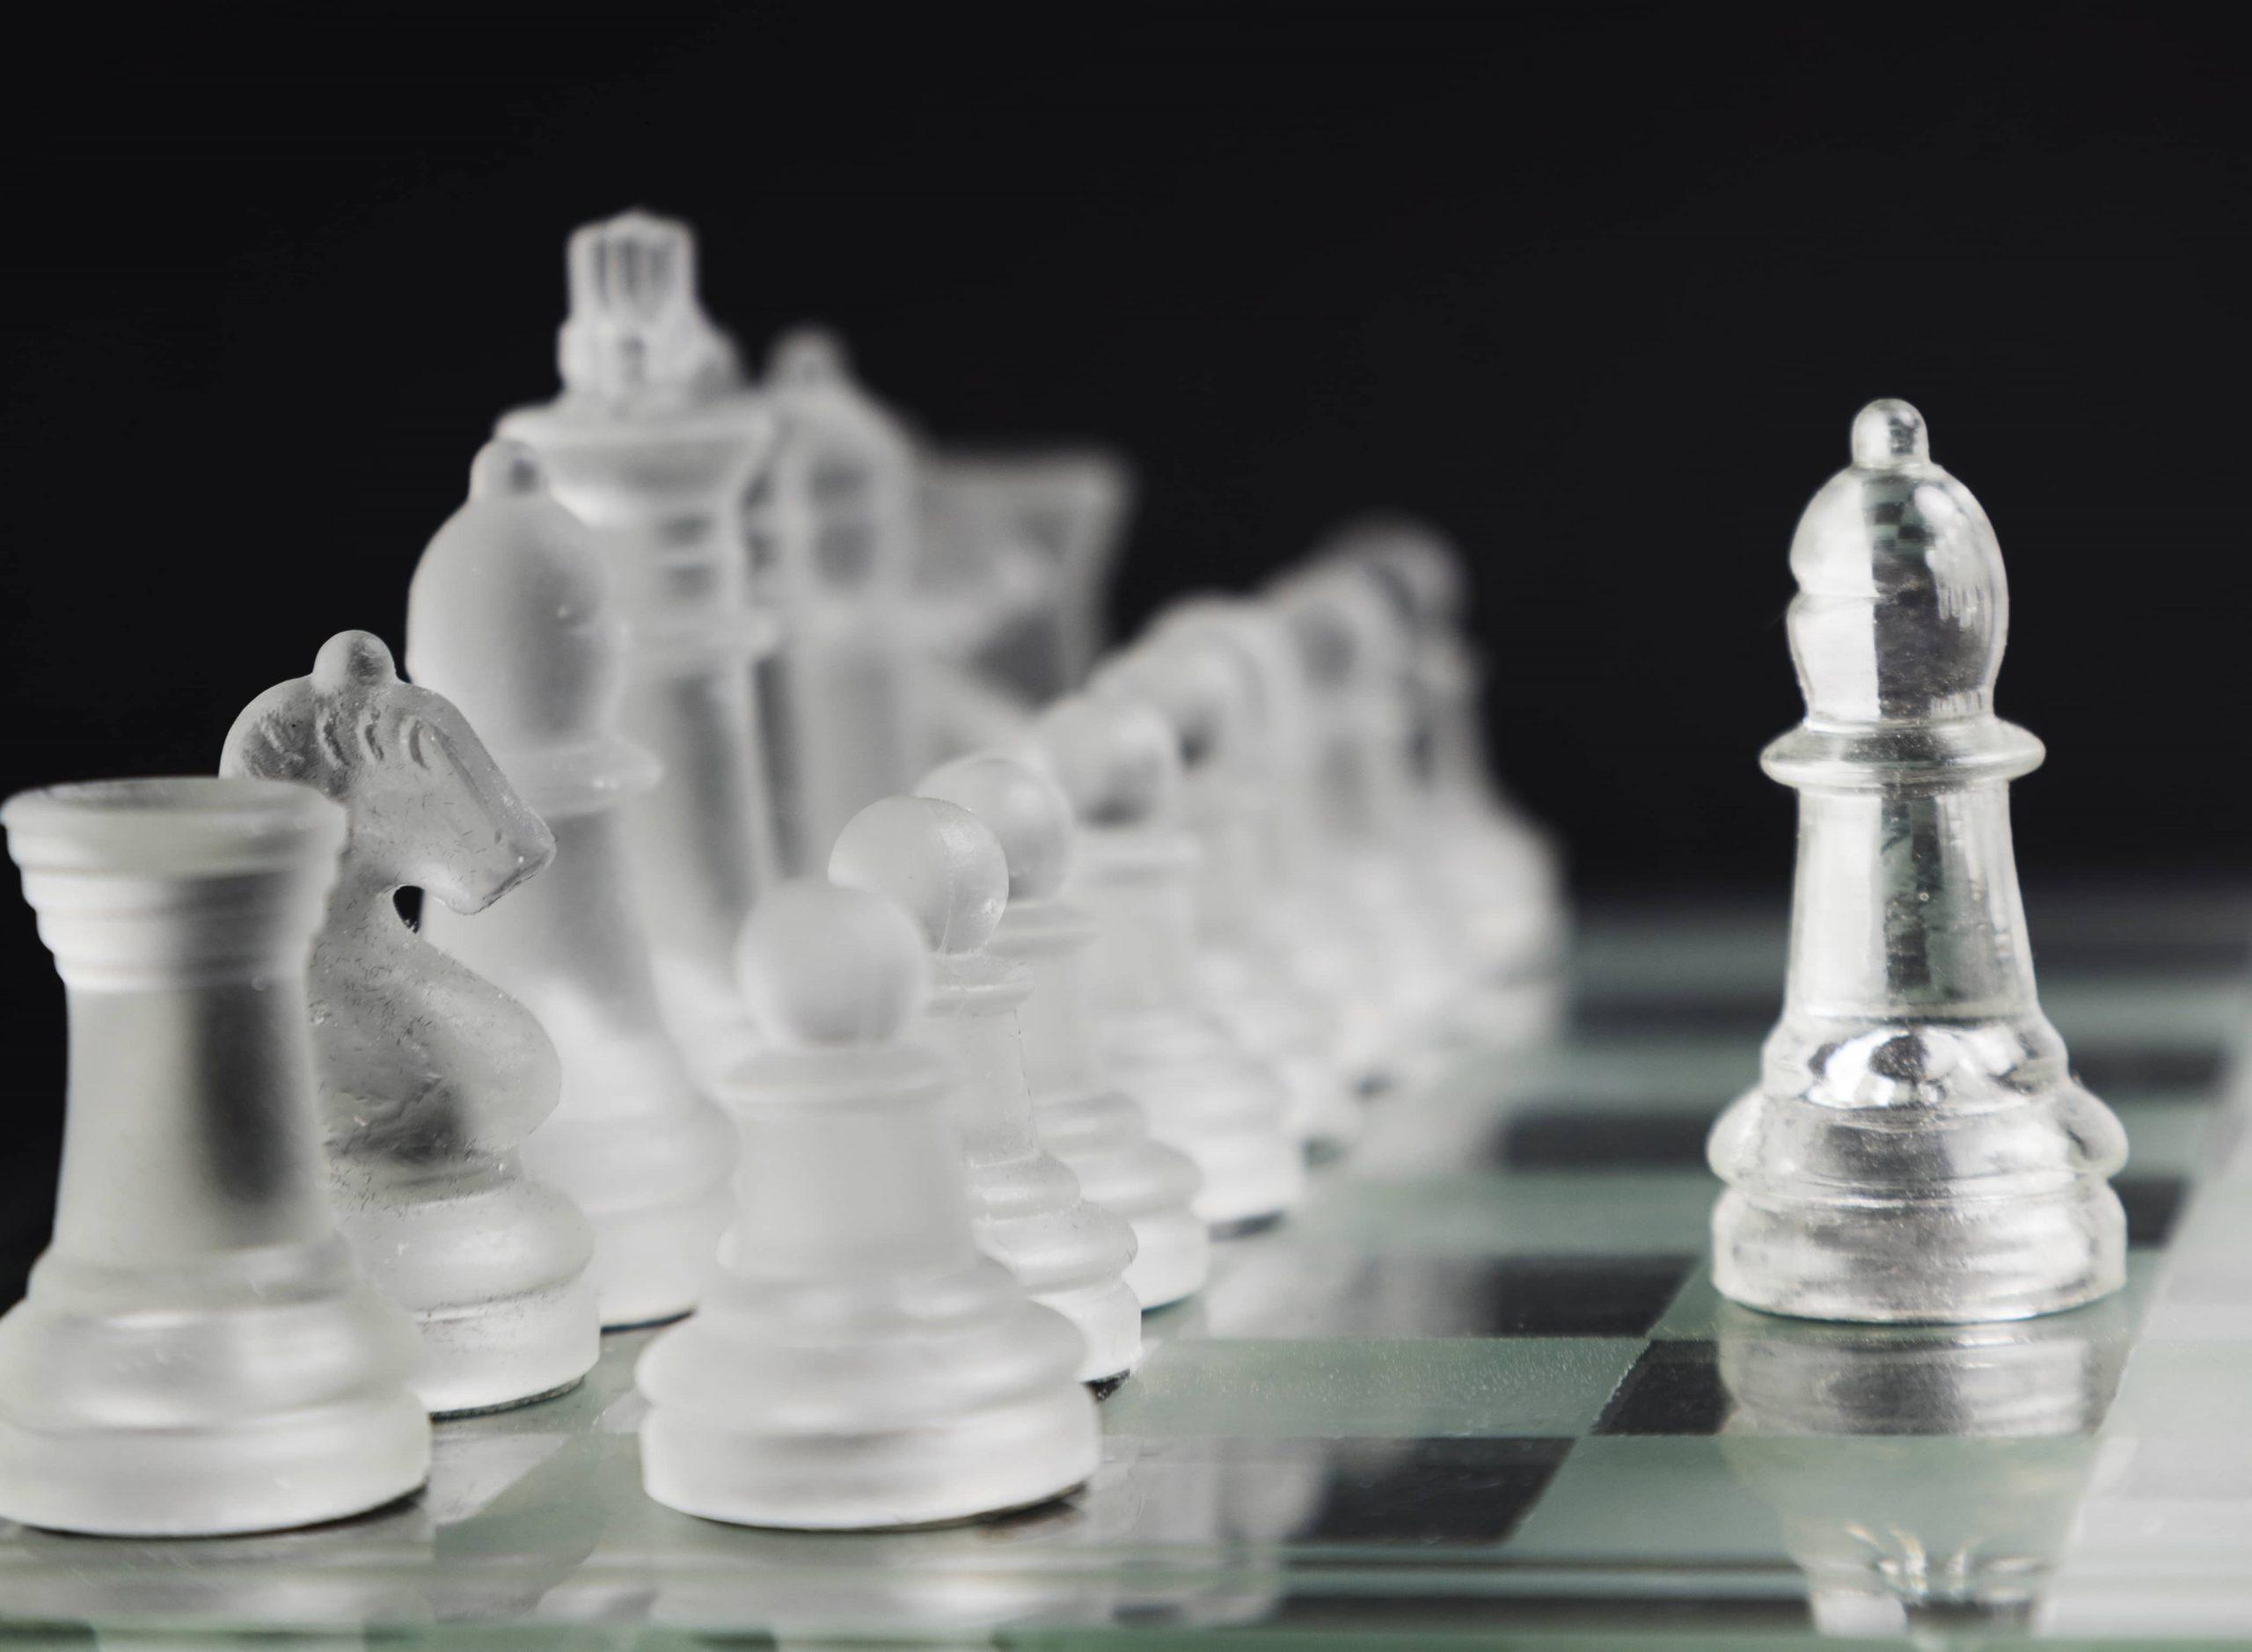 cabecera ajedrez tarifa movil alfil virtualtwin comunicaciones